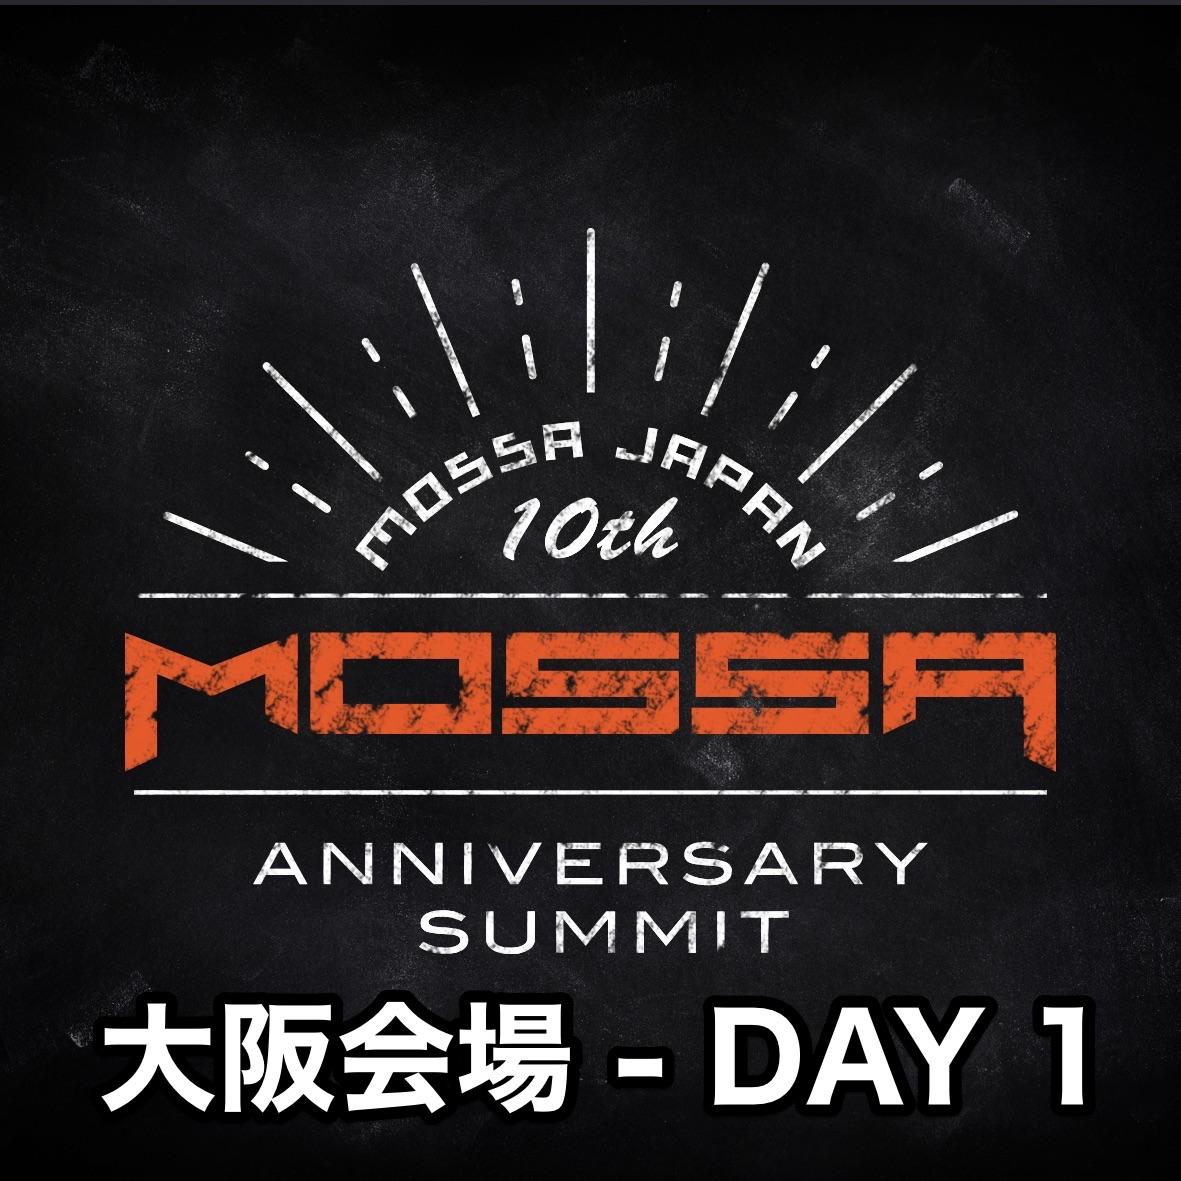 【関西(大阪)会場】DAY 1 ▶イベントプログラム・Meet & Greet Mixer 《MOSSA Japan 10th Anniversary SUMMIT》